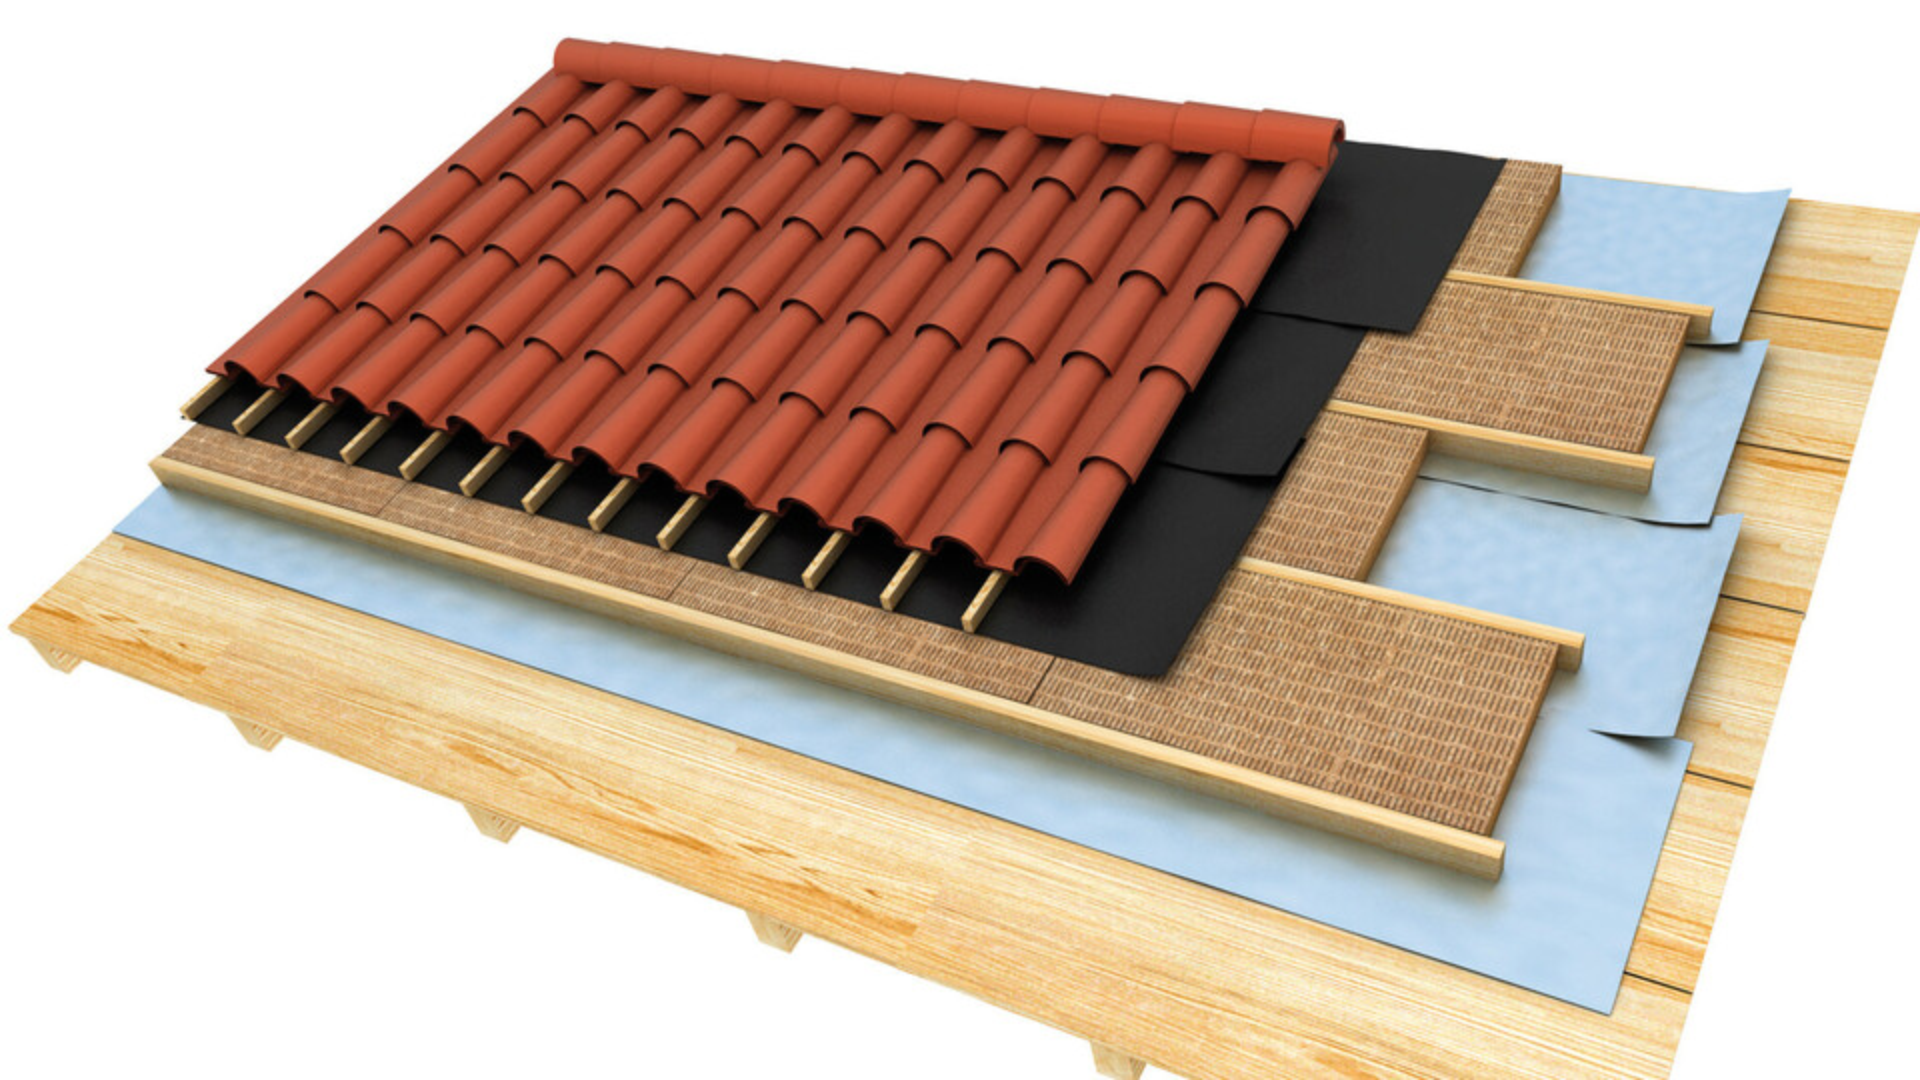 pitched roof render, Entrerastreles